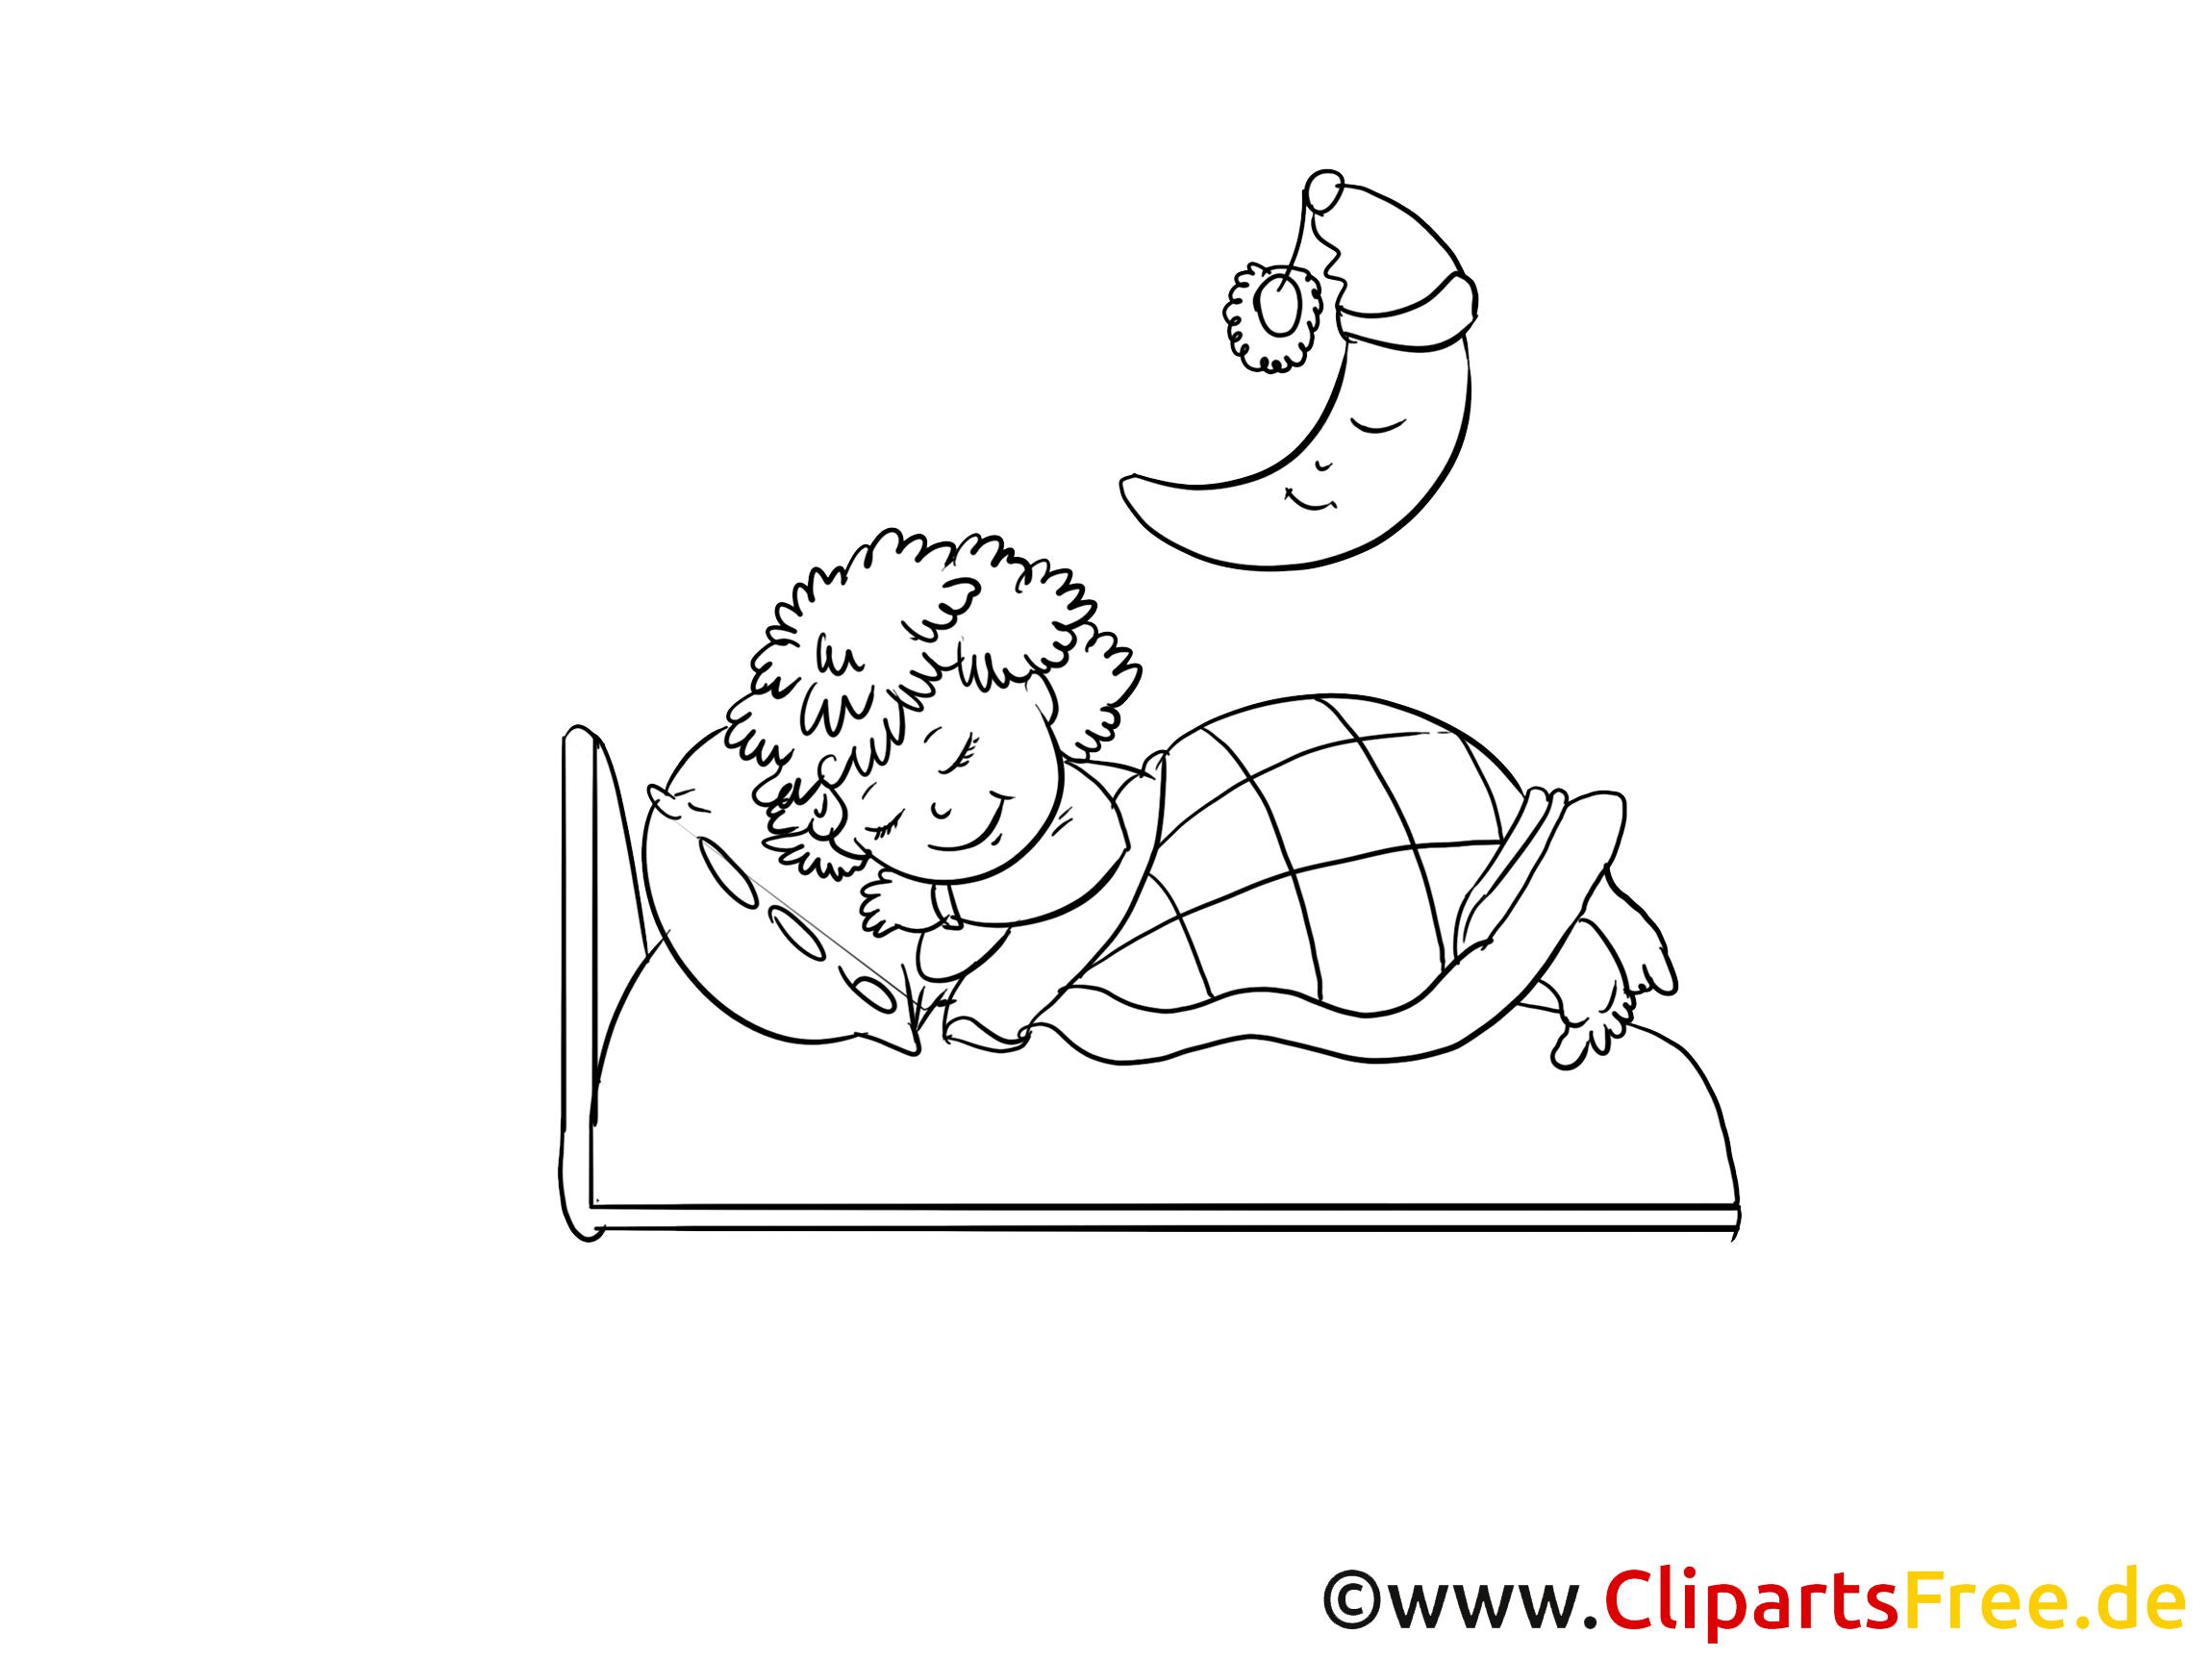 Cliparts à imprimer lit - Bonne nuit images - Bonsoir ...